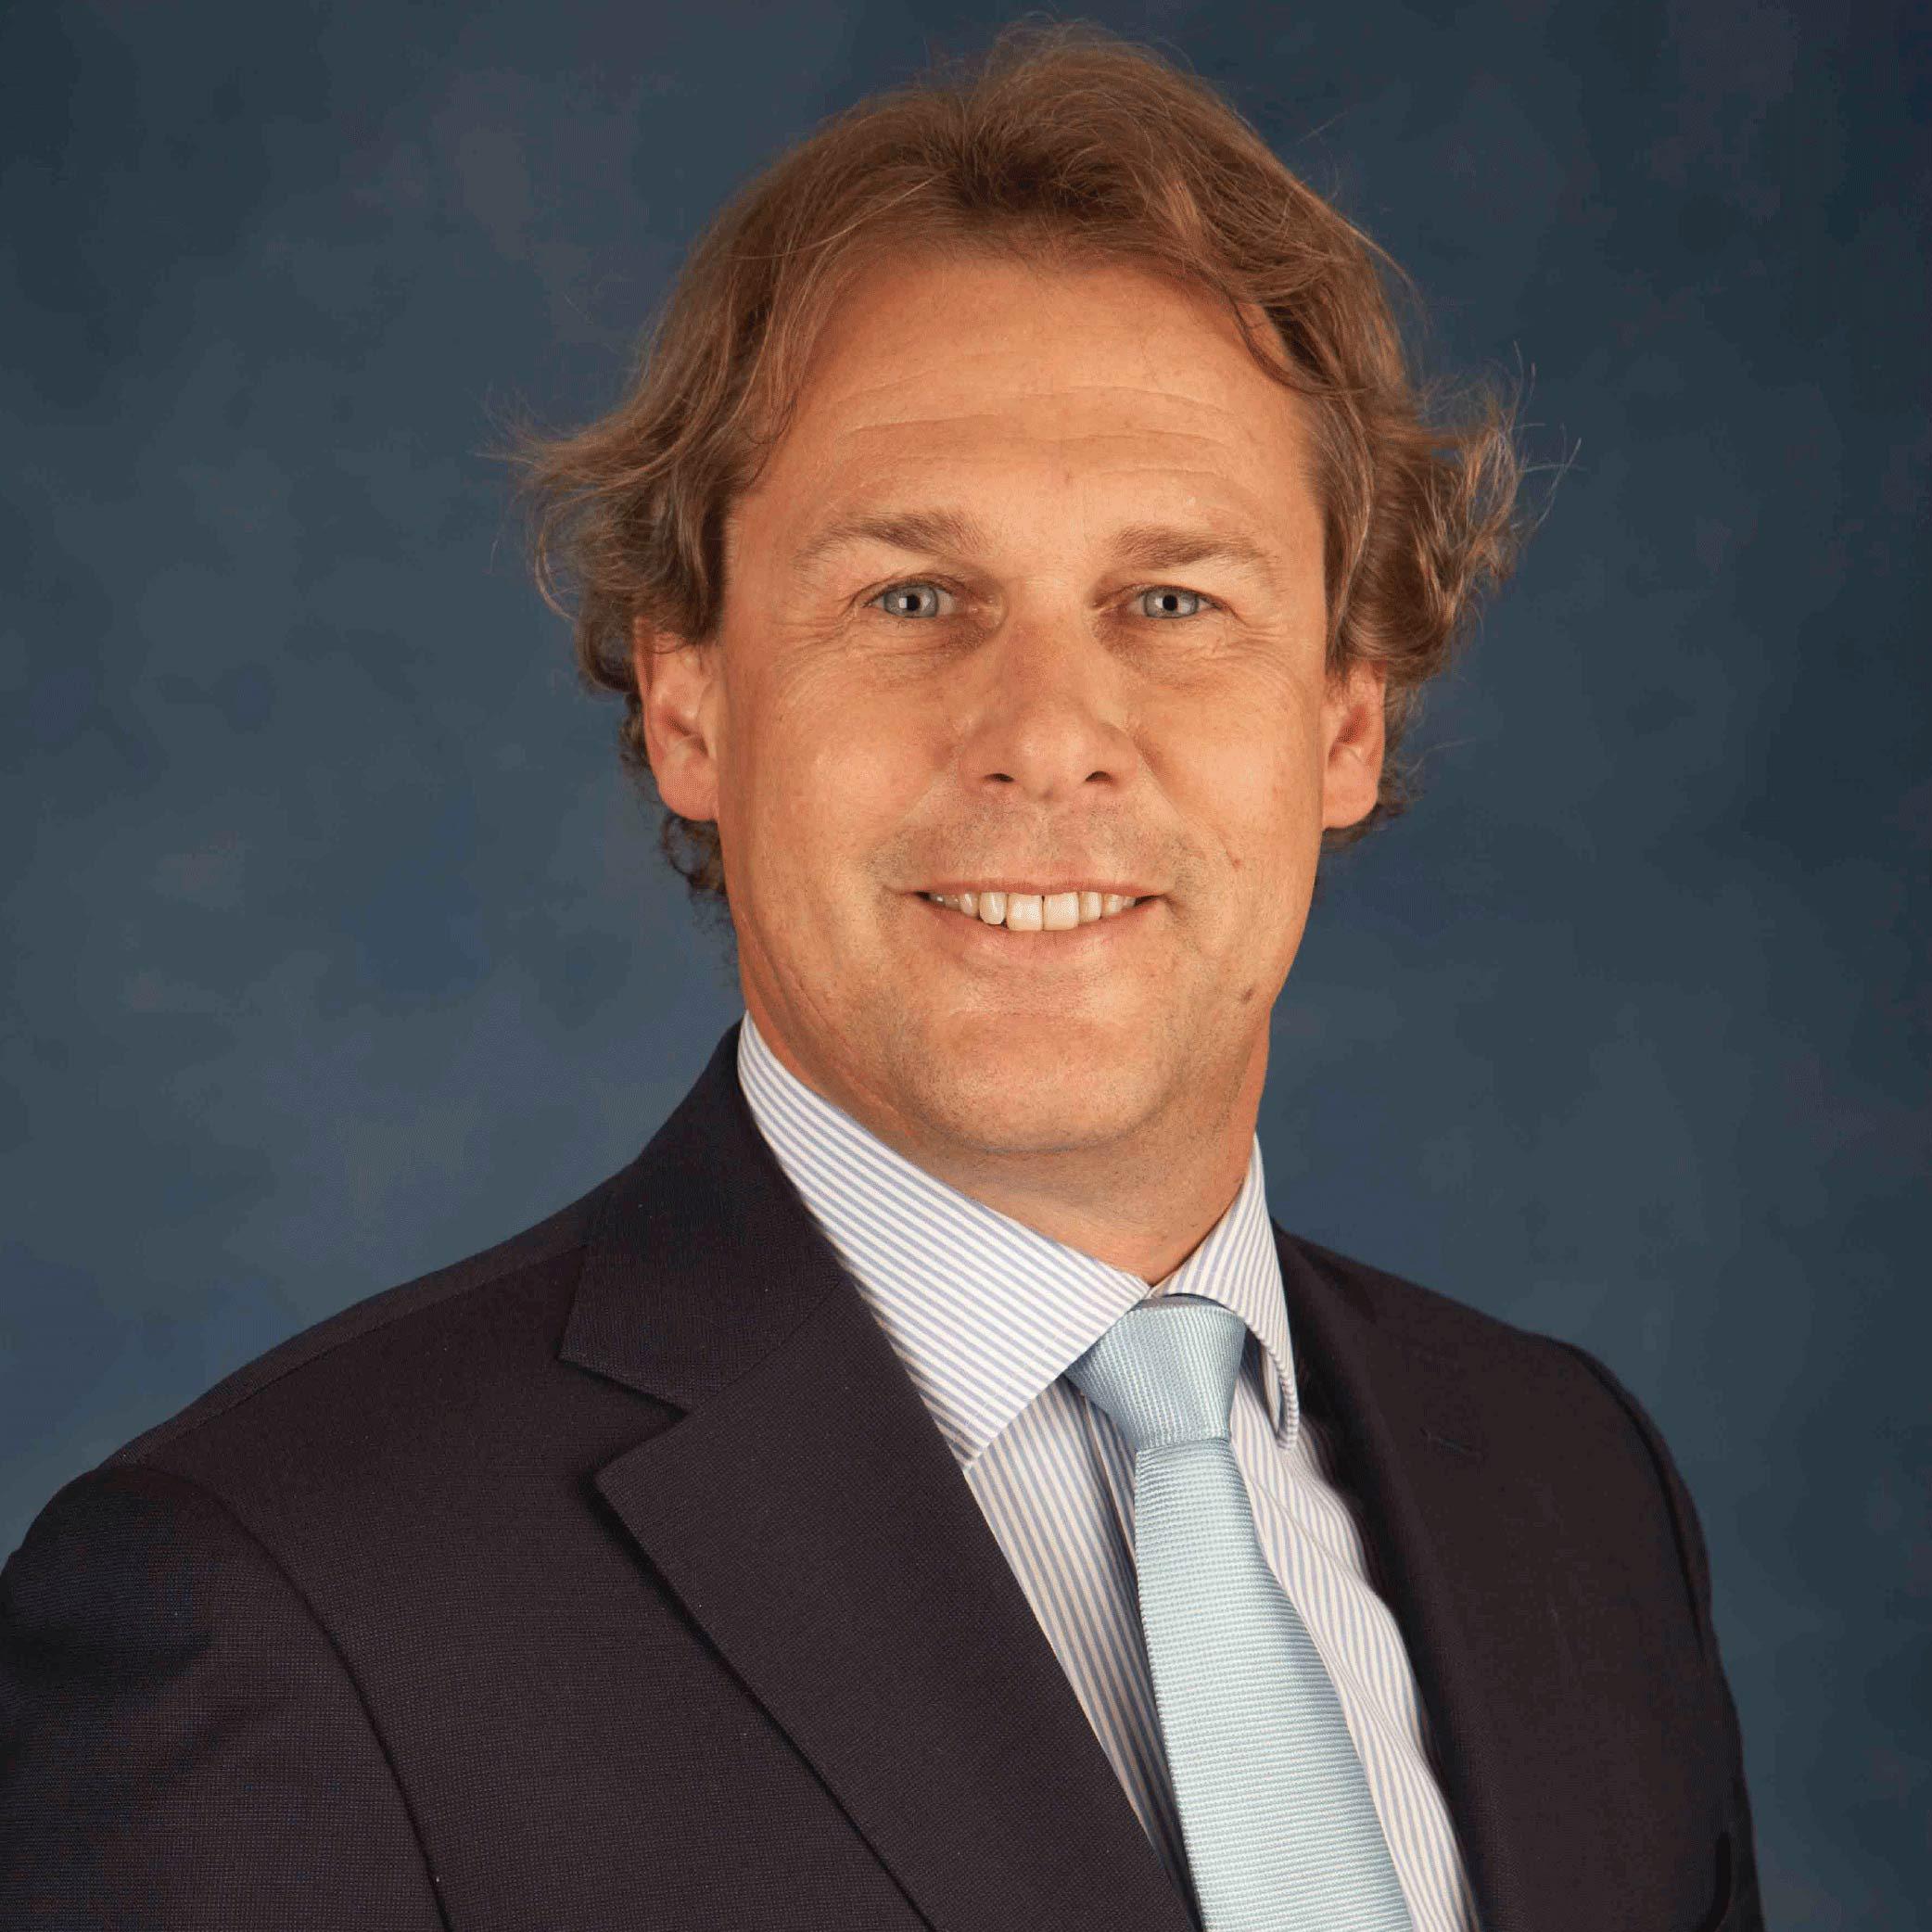 Jacques Leijssenaar